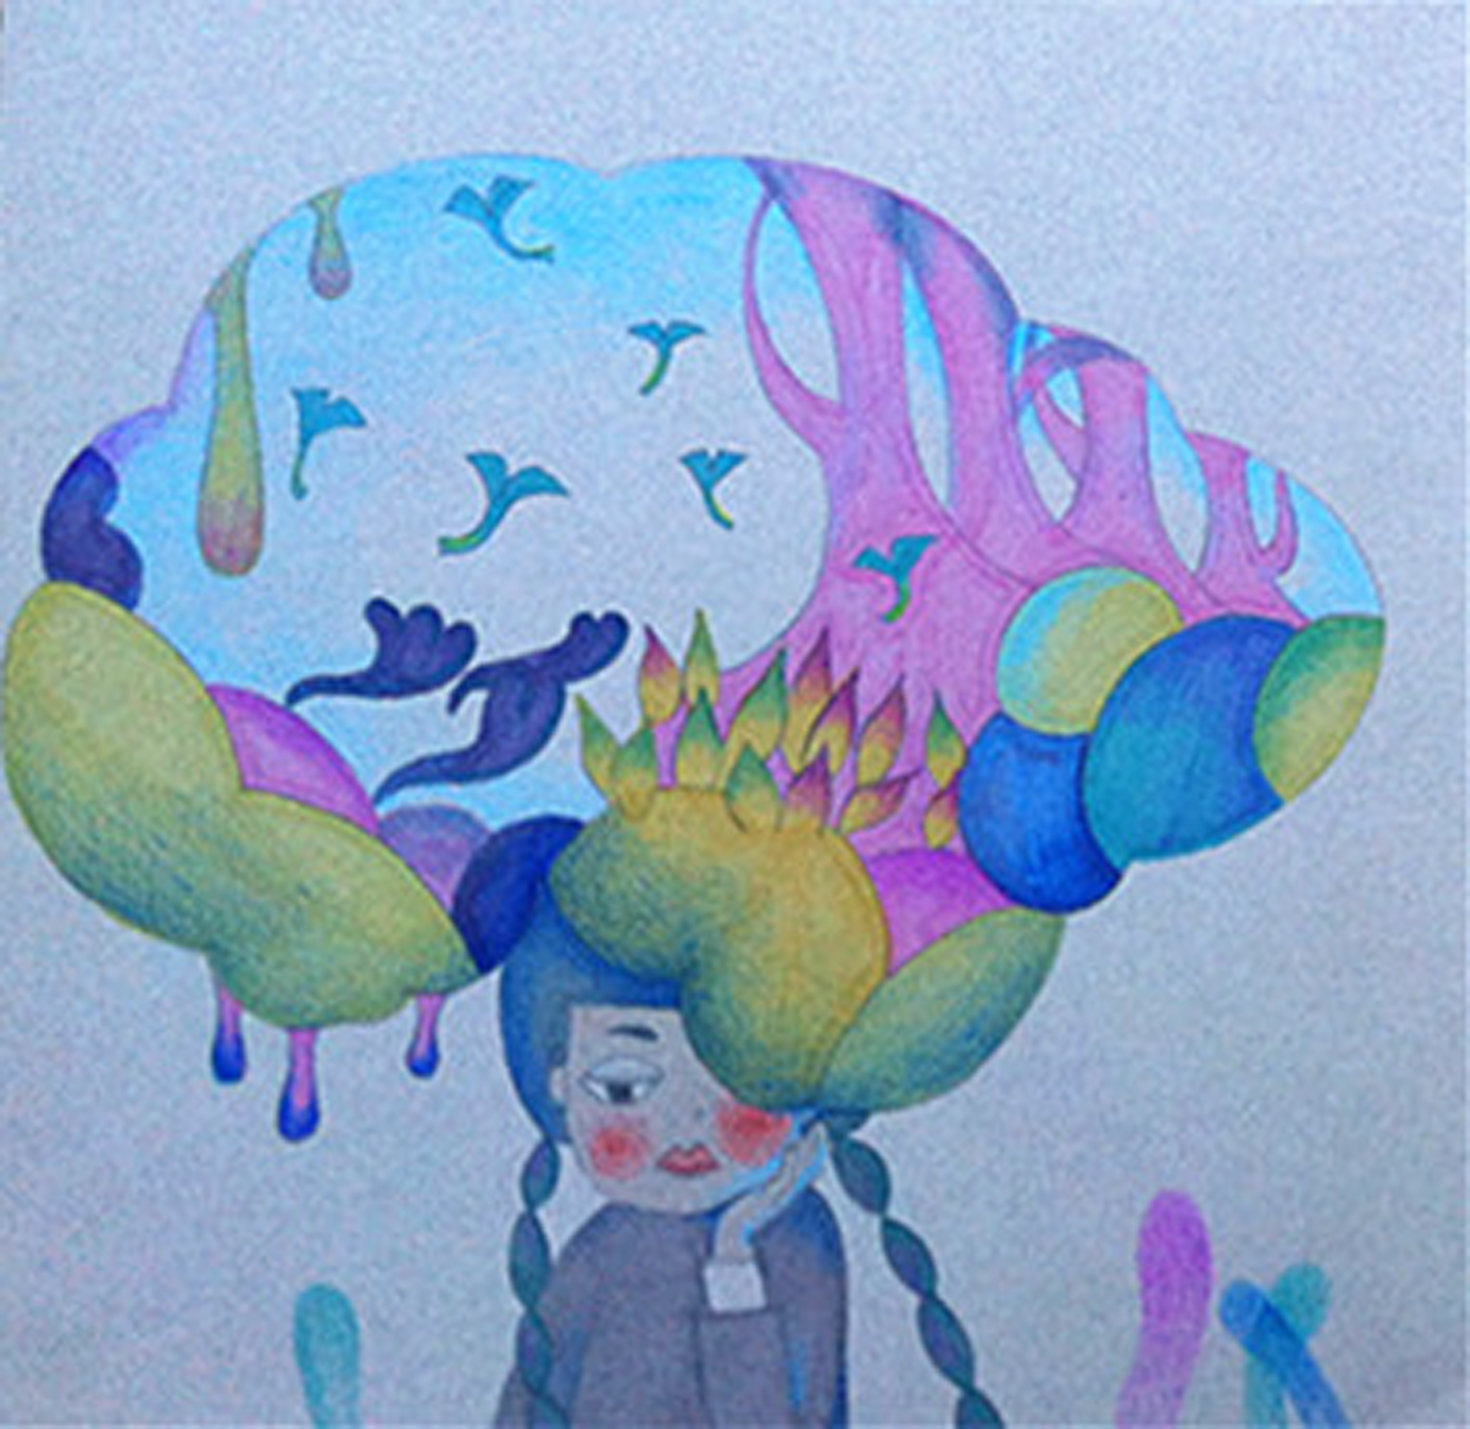 春夏秋冬|插画|插画习作|迷路的麋鹿鹿 - 原创作品图片